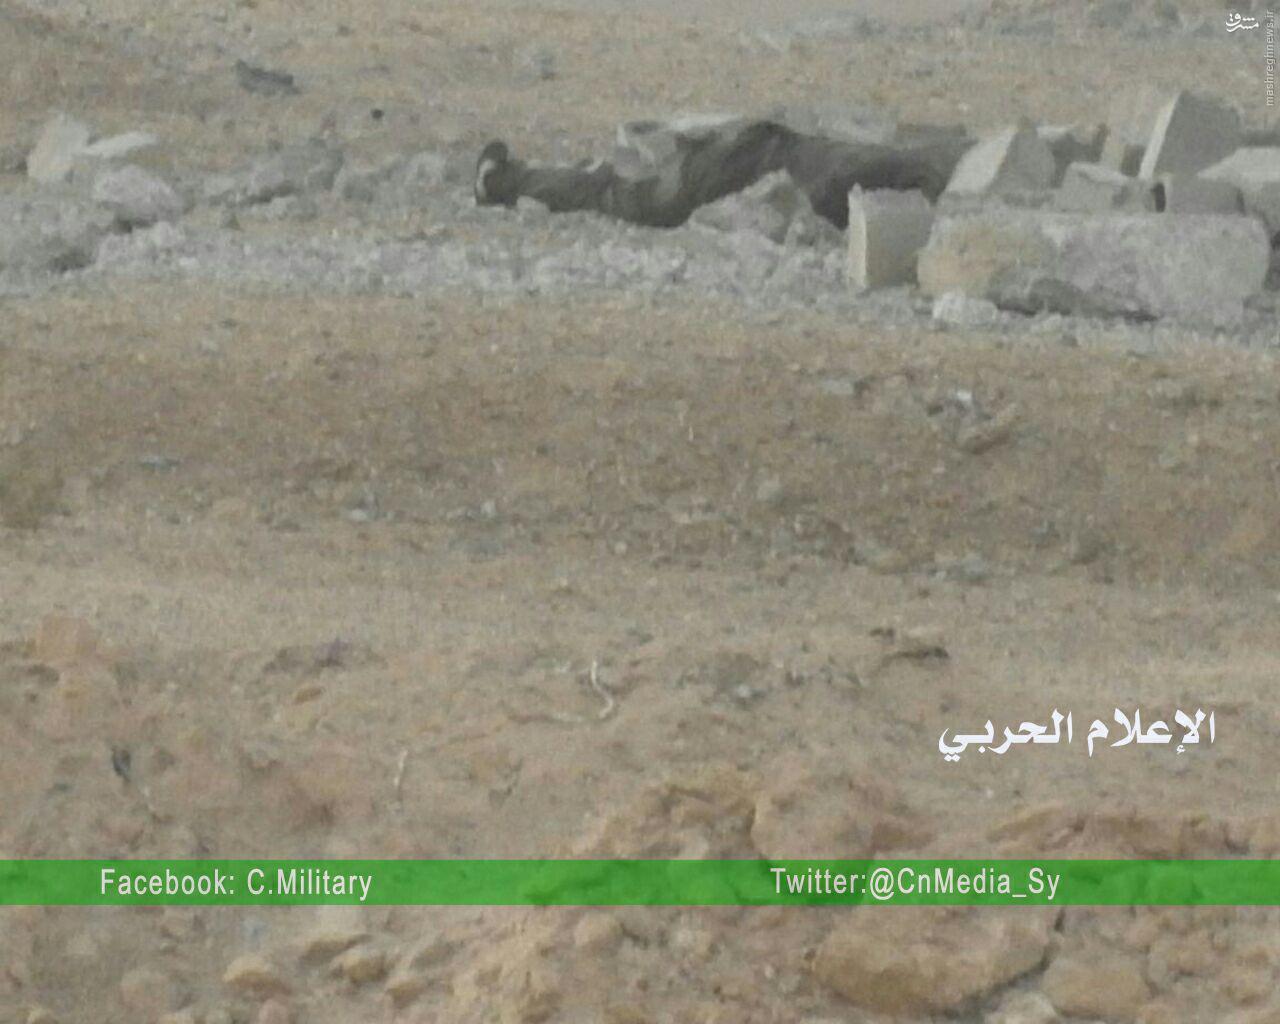 نبردهای دیرالزور به روایت حزب الله+فیلم و عکس